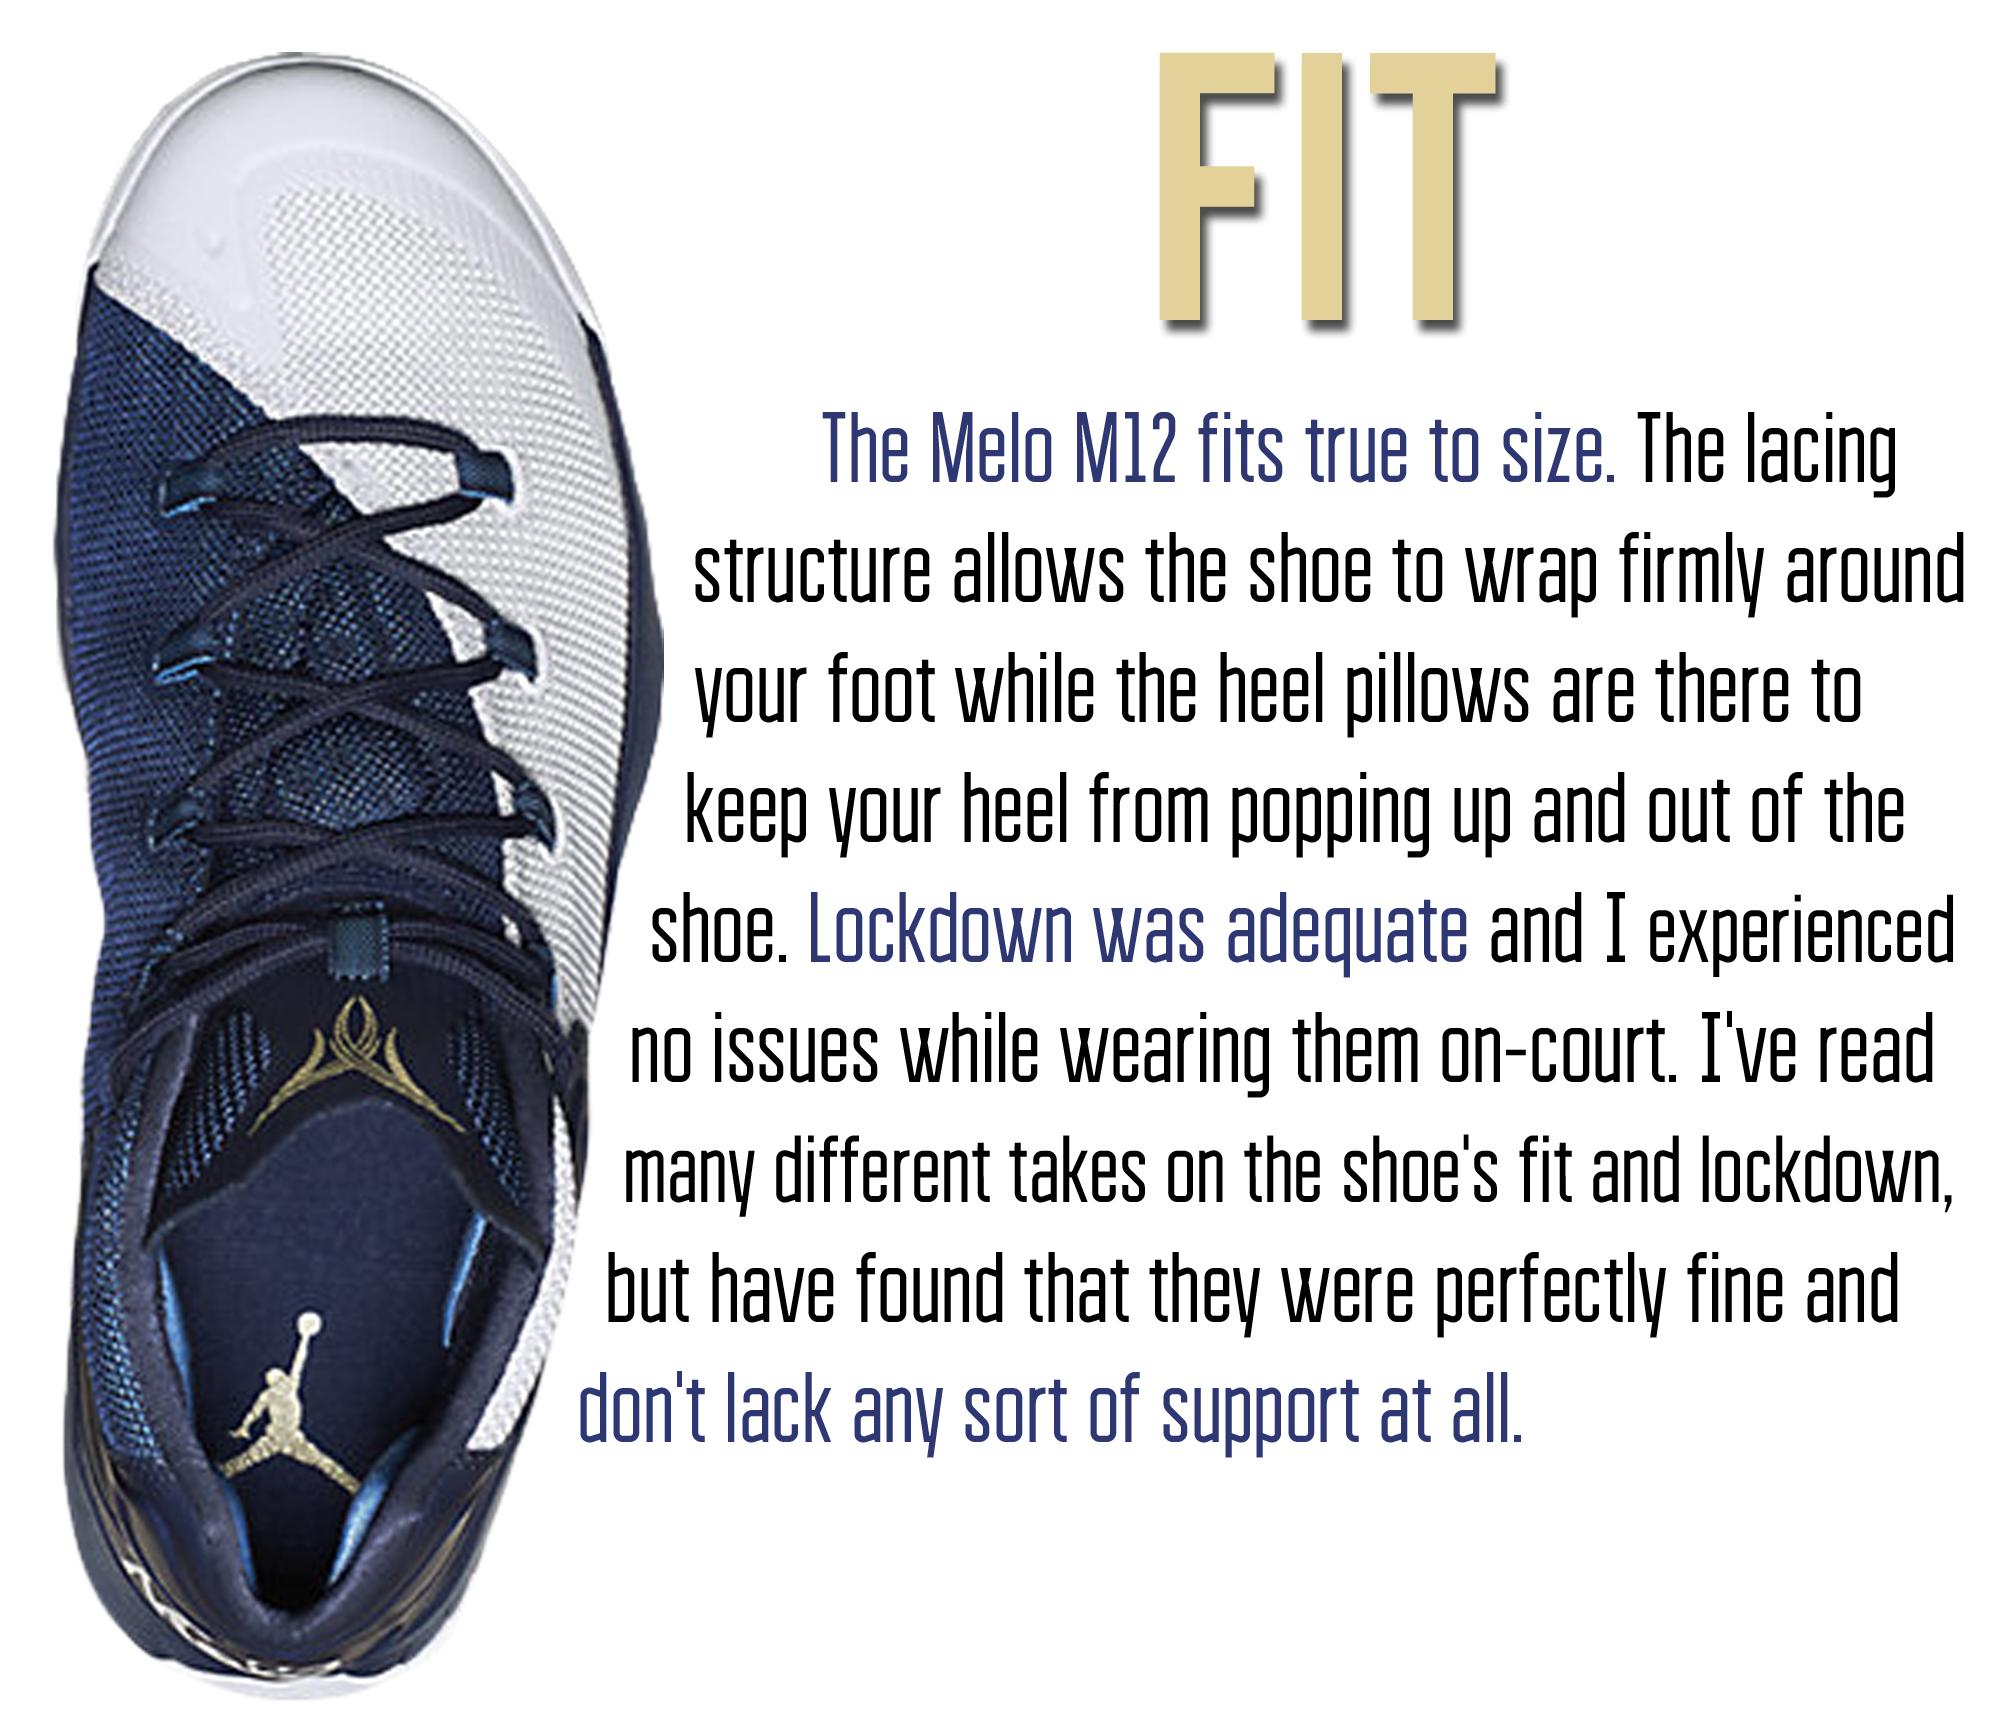 M12 - Fit